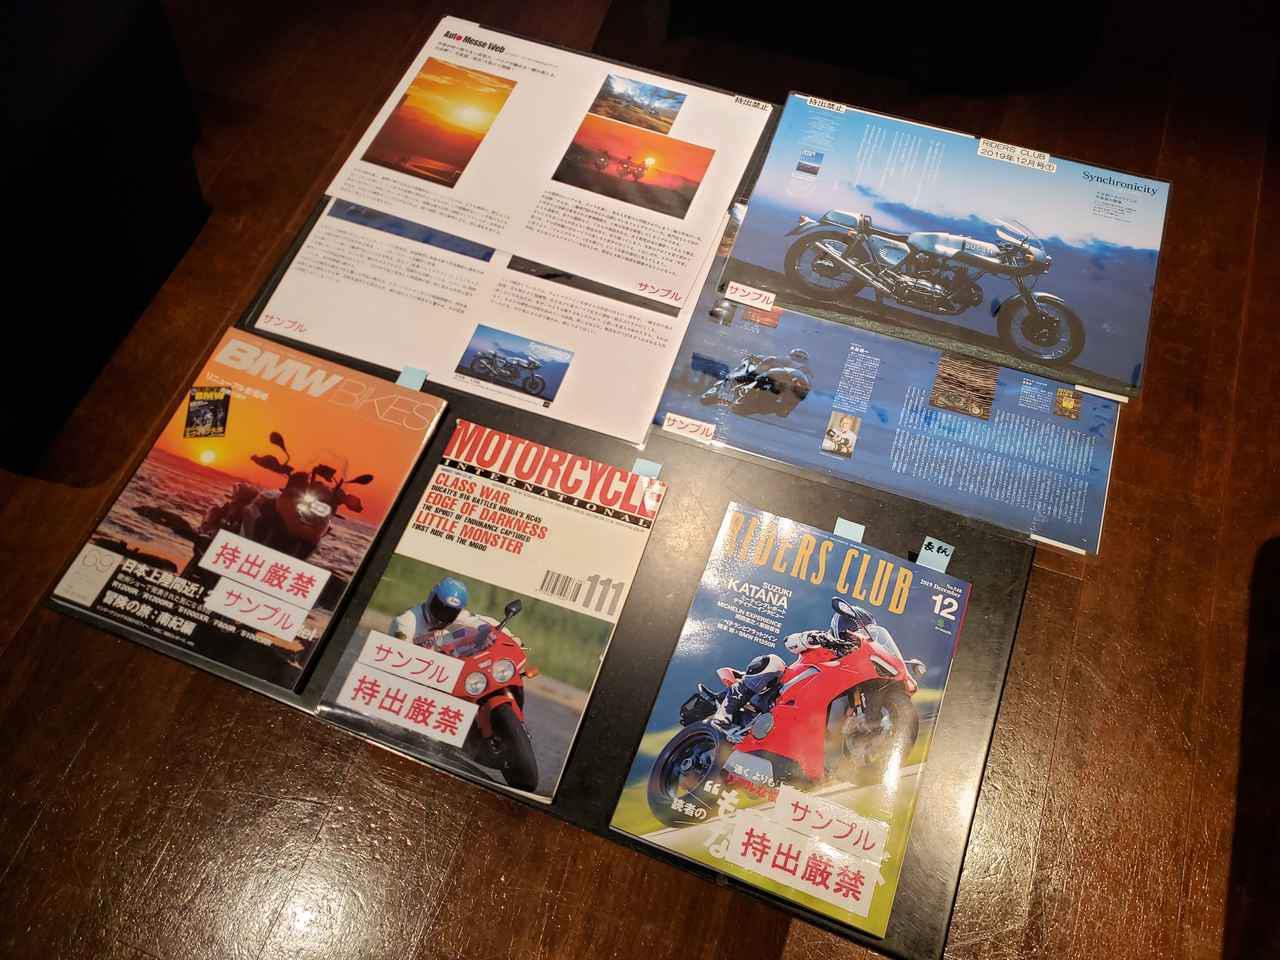 大谷耕一写真展「Synchronicity -光とバイクが融合する瞬間-」が、キヤノンギャラリー銀座にて開催中!11月6日(水)まで。